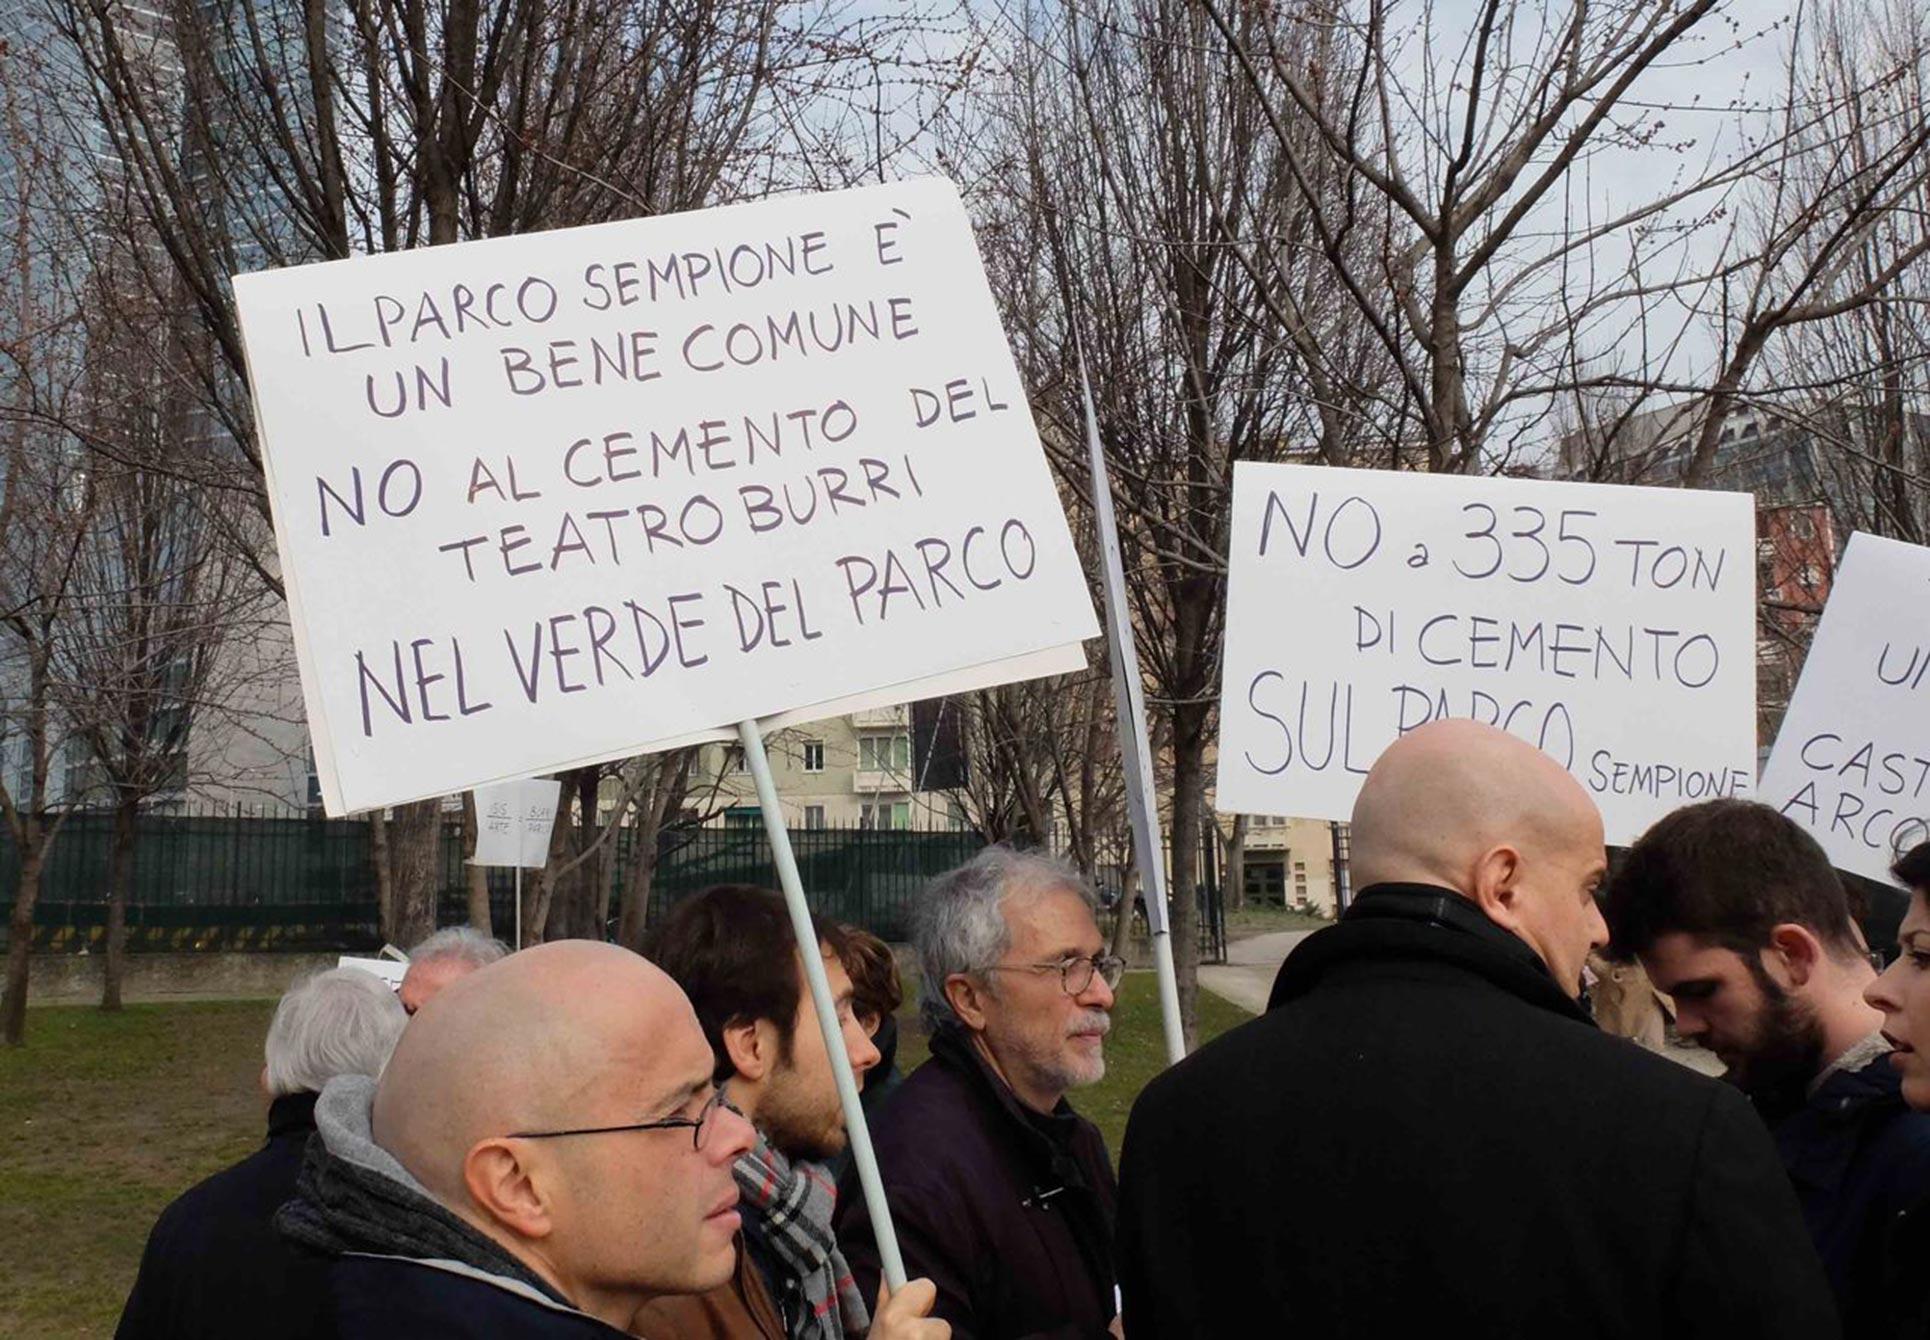 Protest against Alberto Burri's Teatro Continuo, 2015, Milan